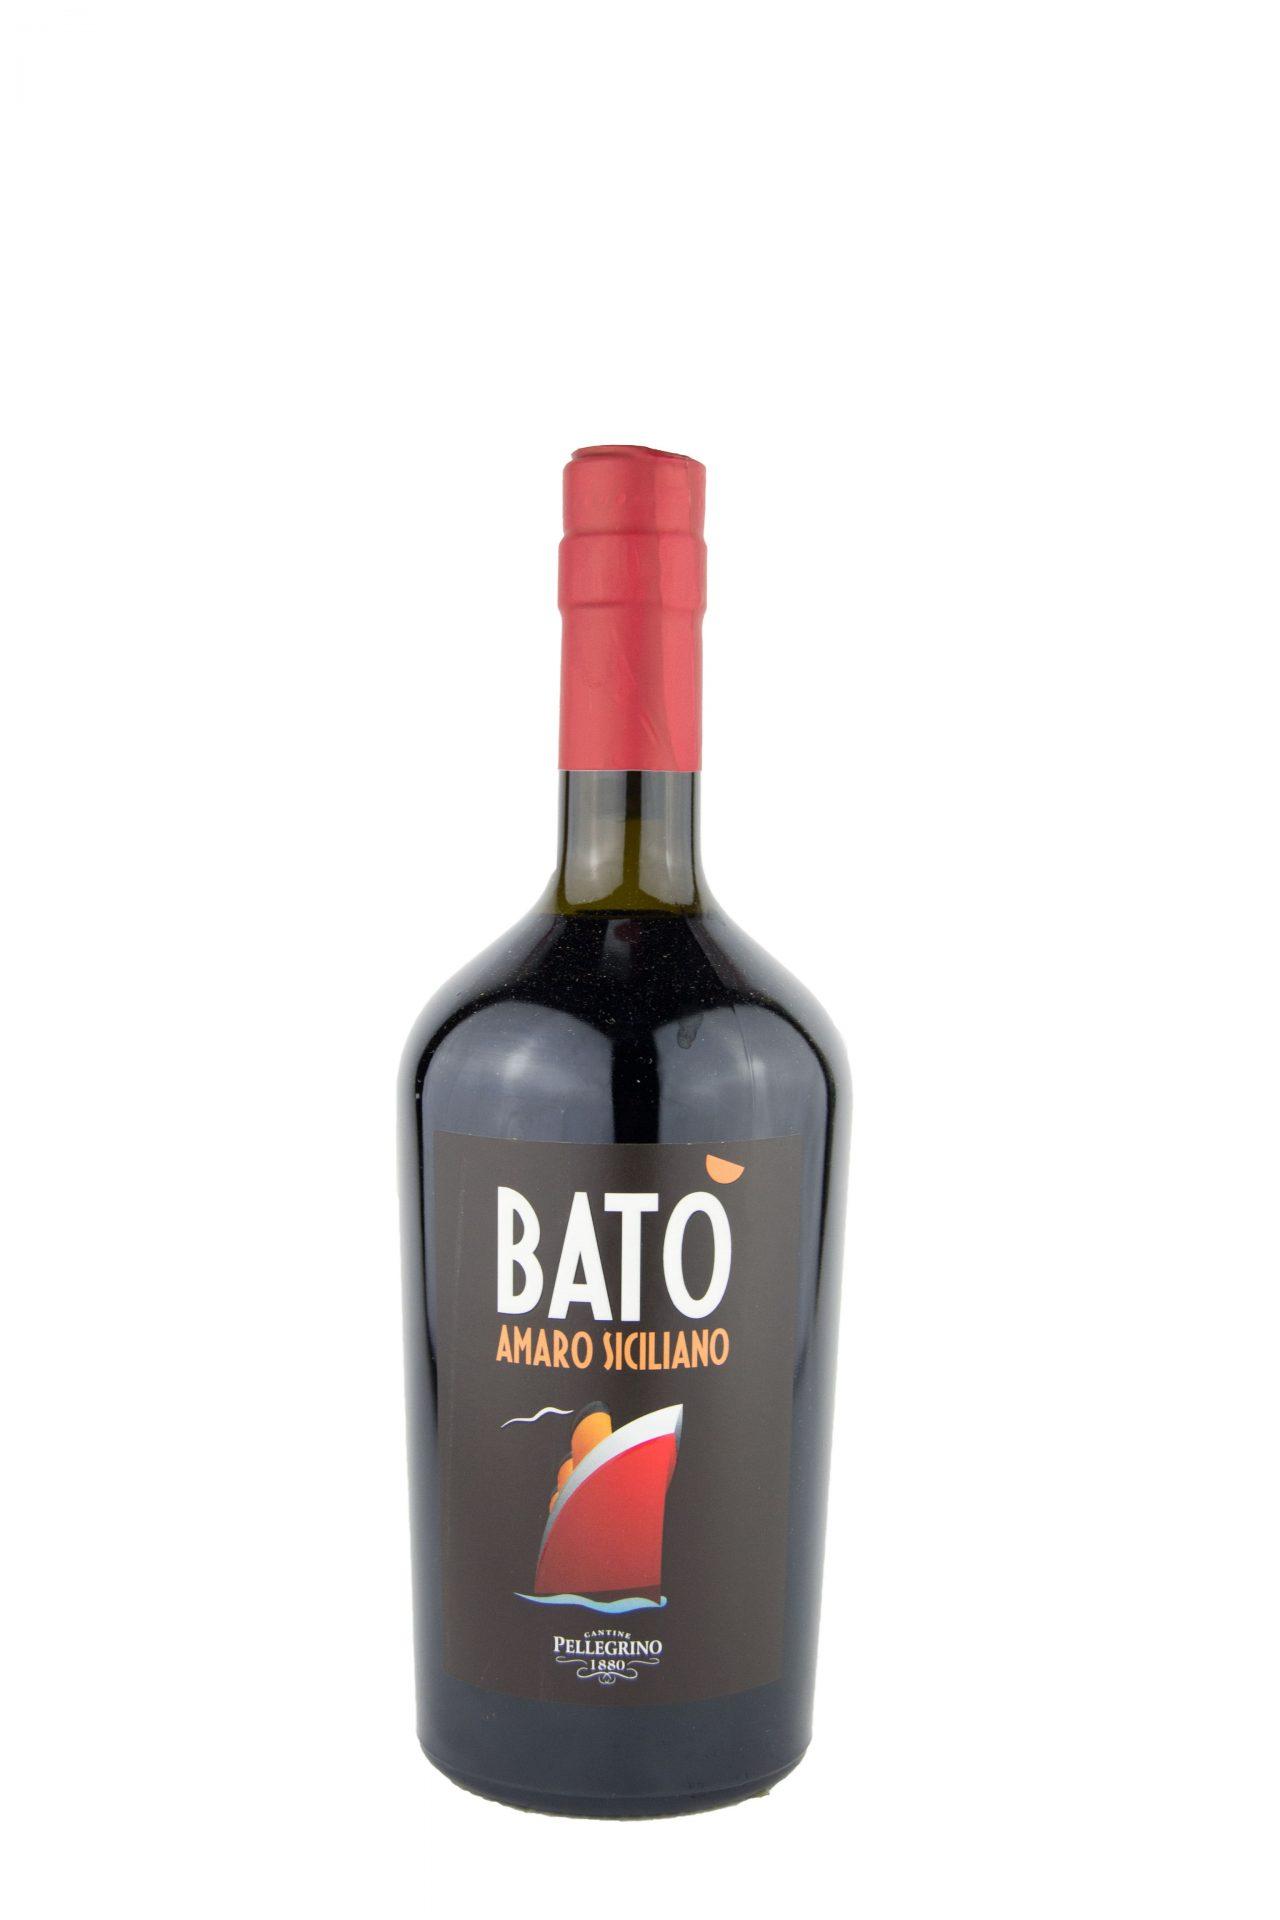 """Cantine Pellegrino – Batò """"Amaro Siciliano"""""""